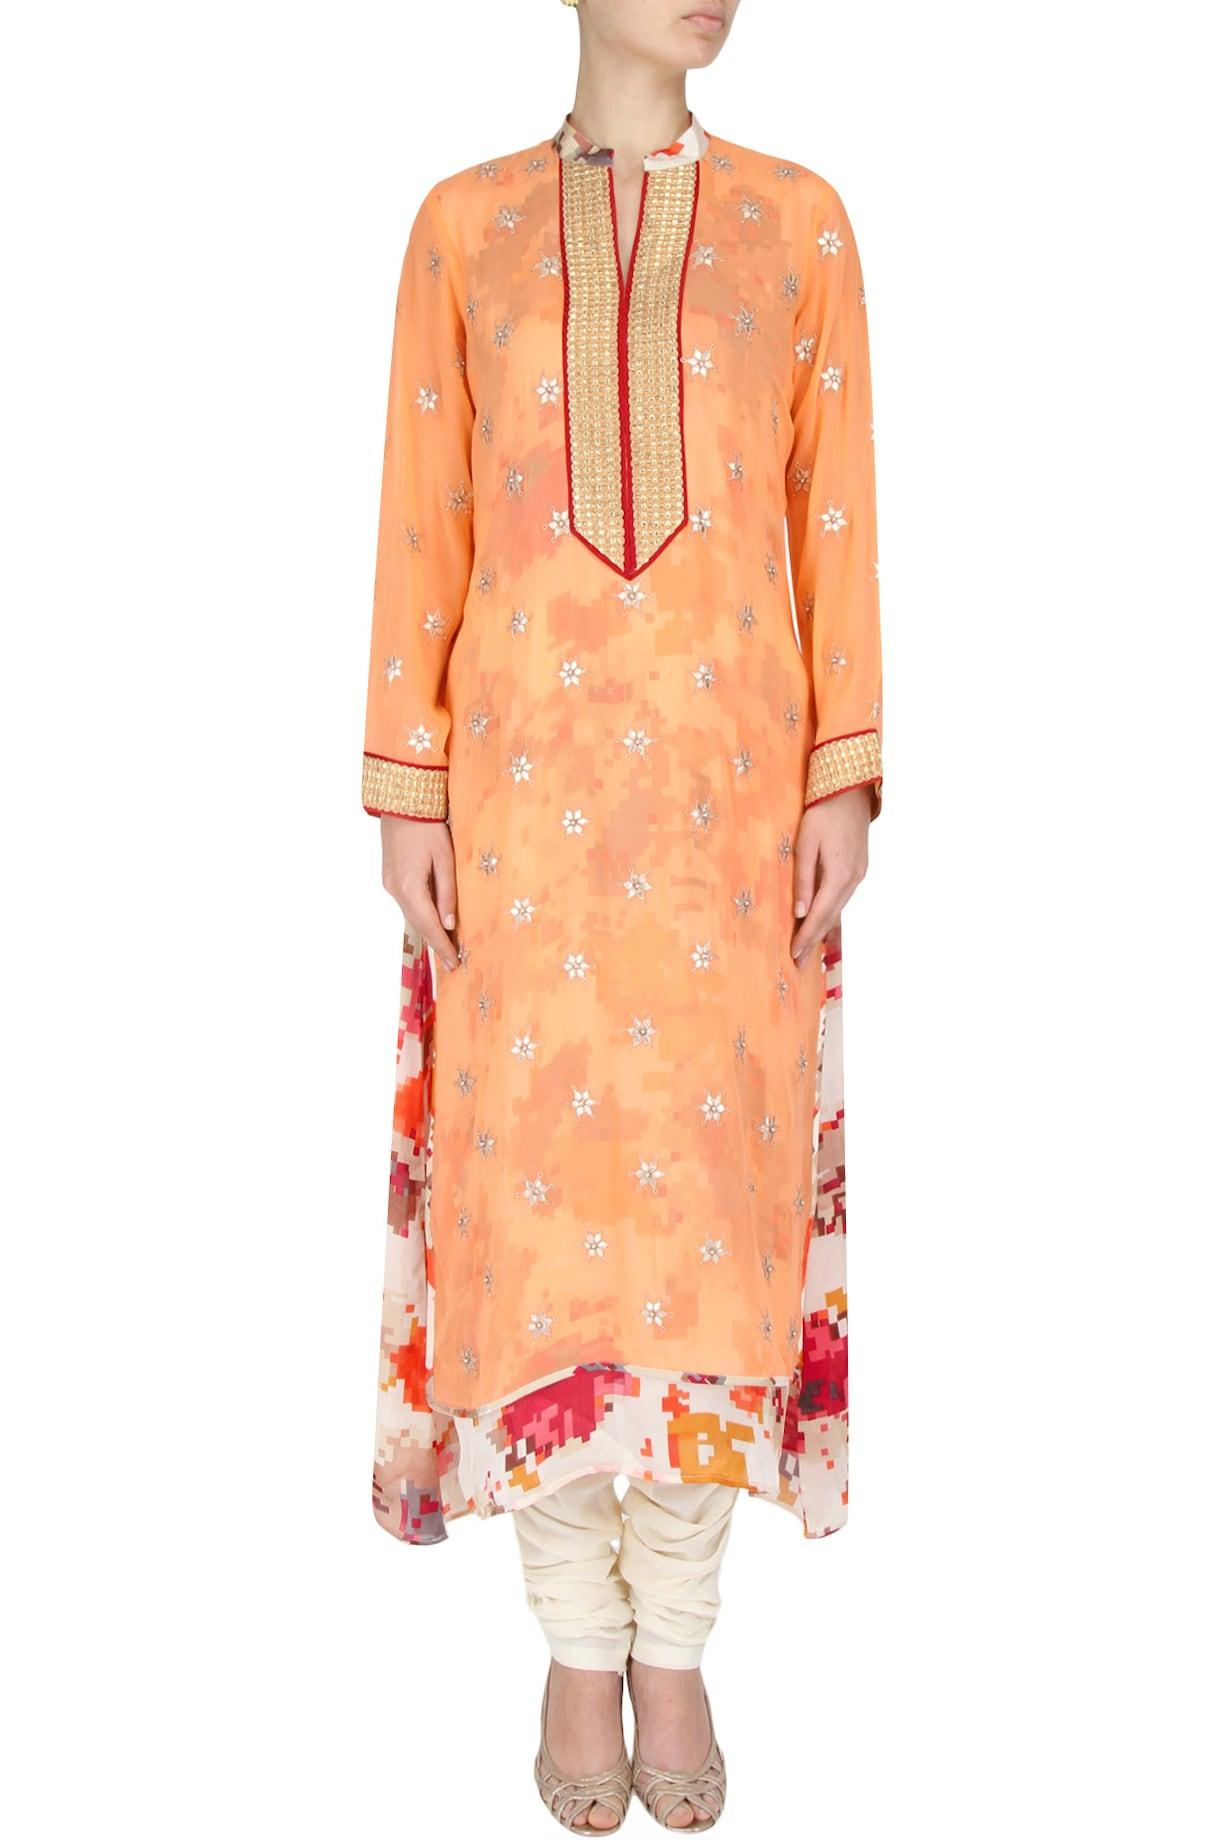 Surabhi Arya Tunics